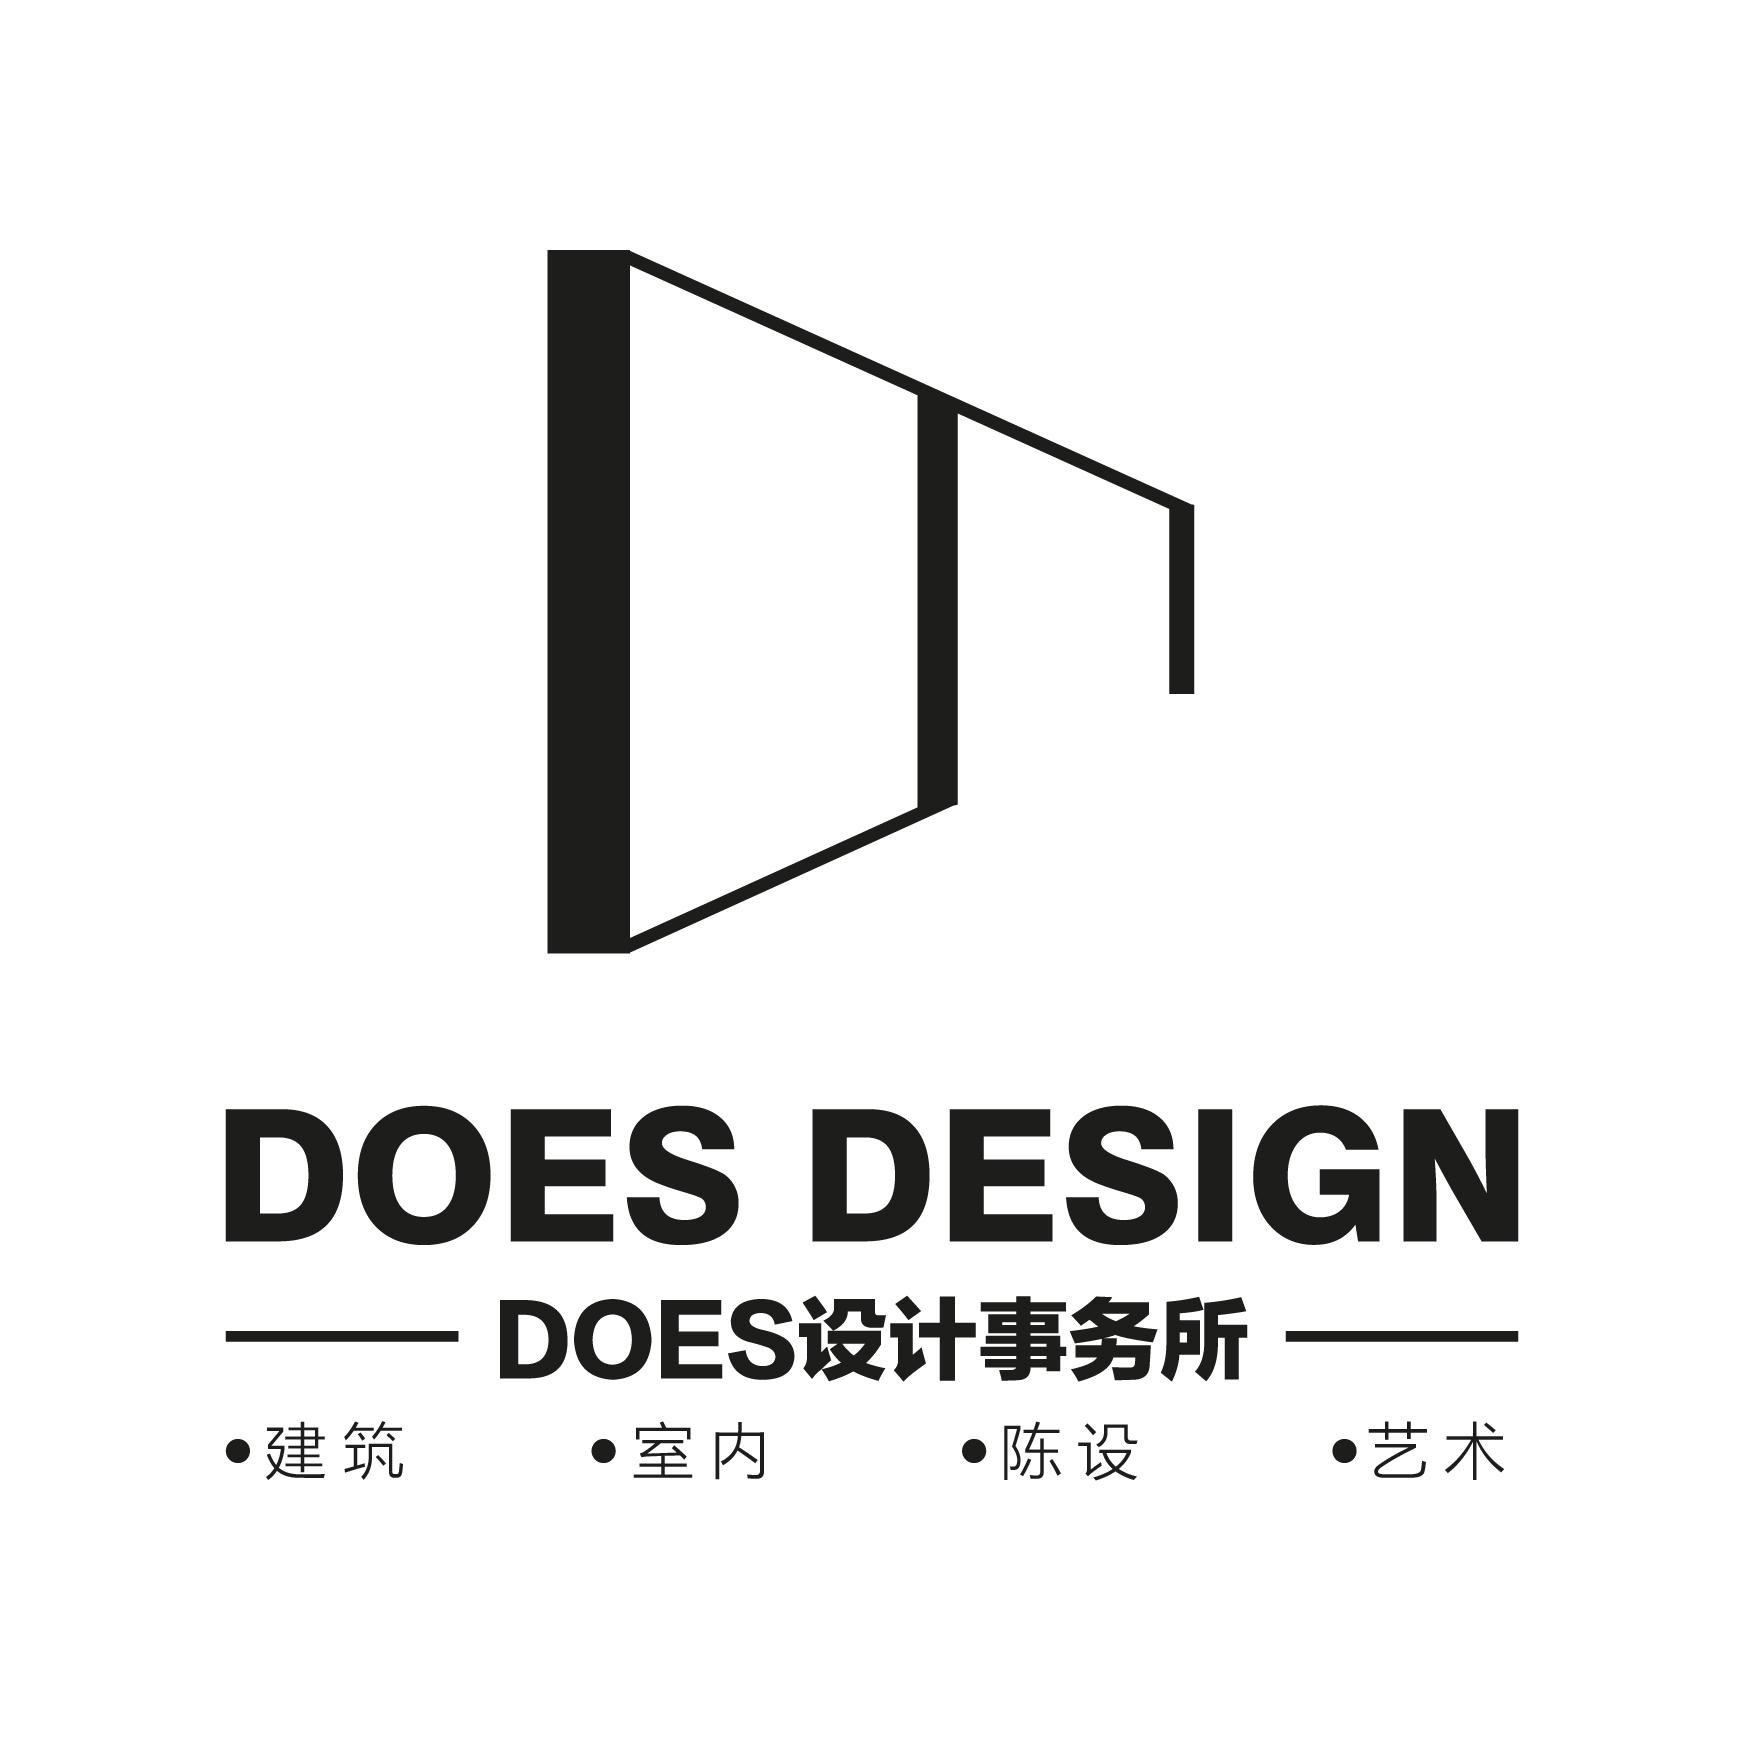 南京大帅室内设计有限公司招聘信息